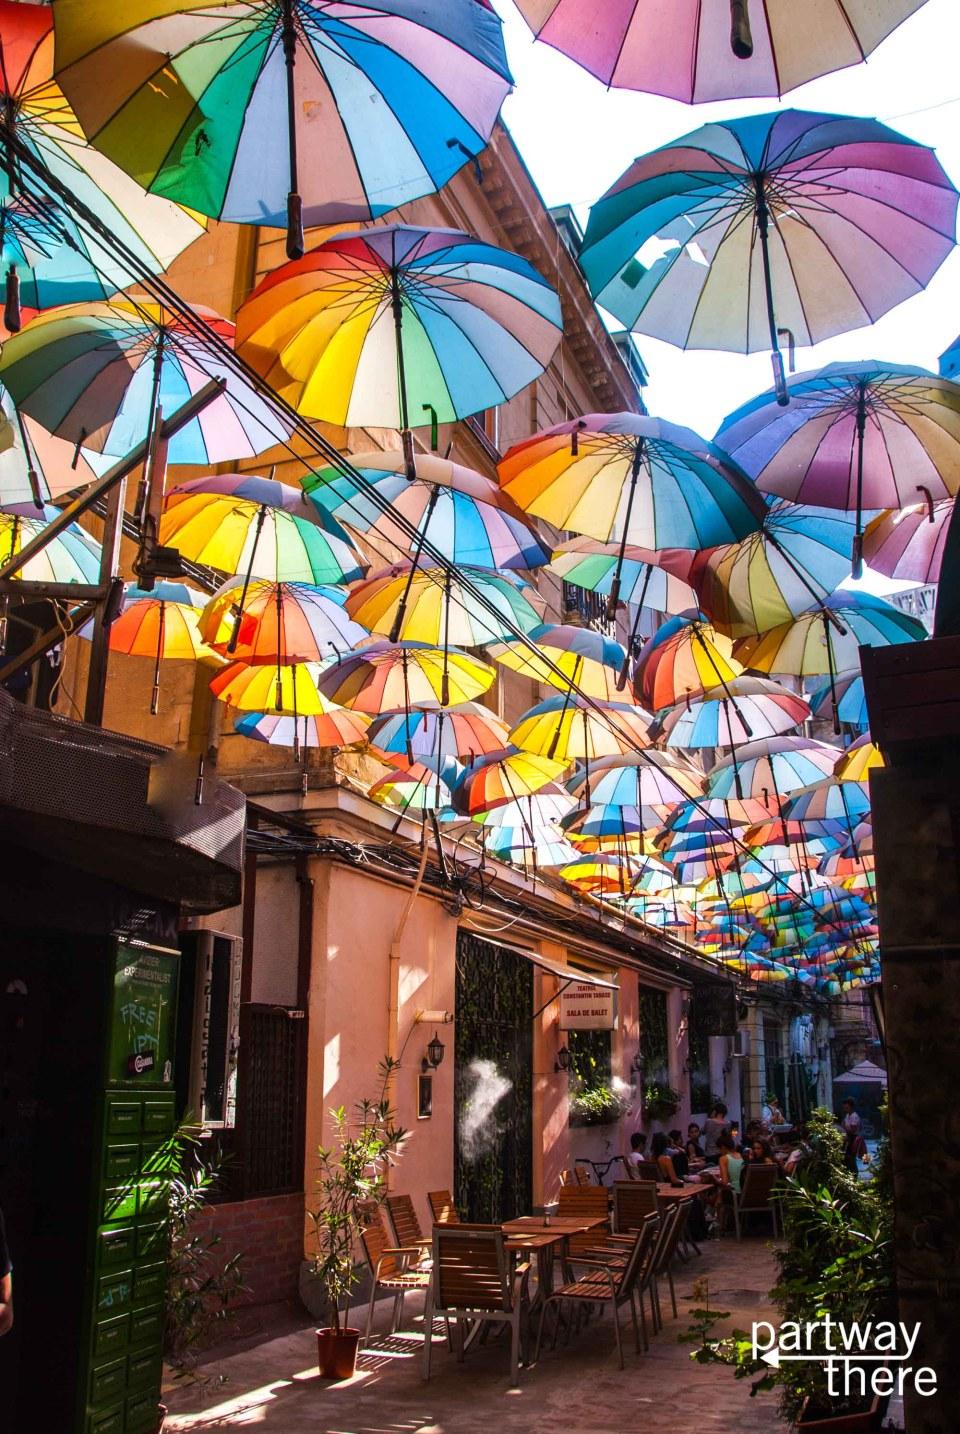 Rainbow umbrella alley in Bucharest